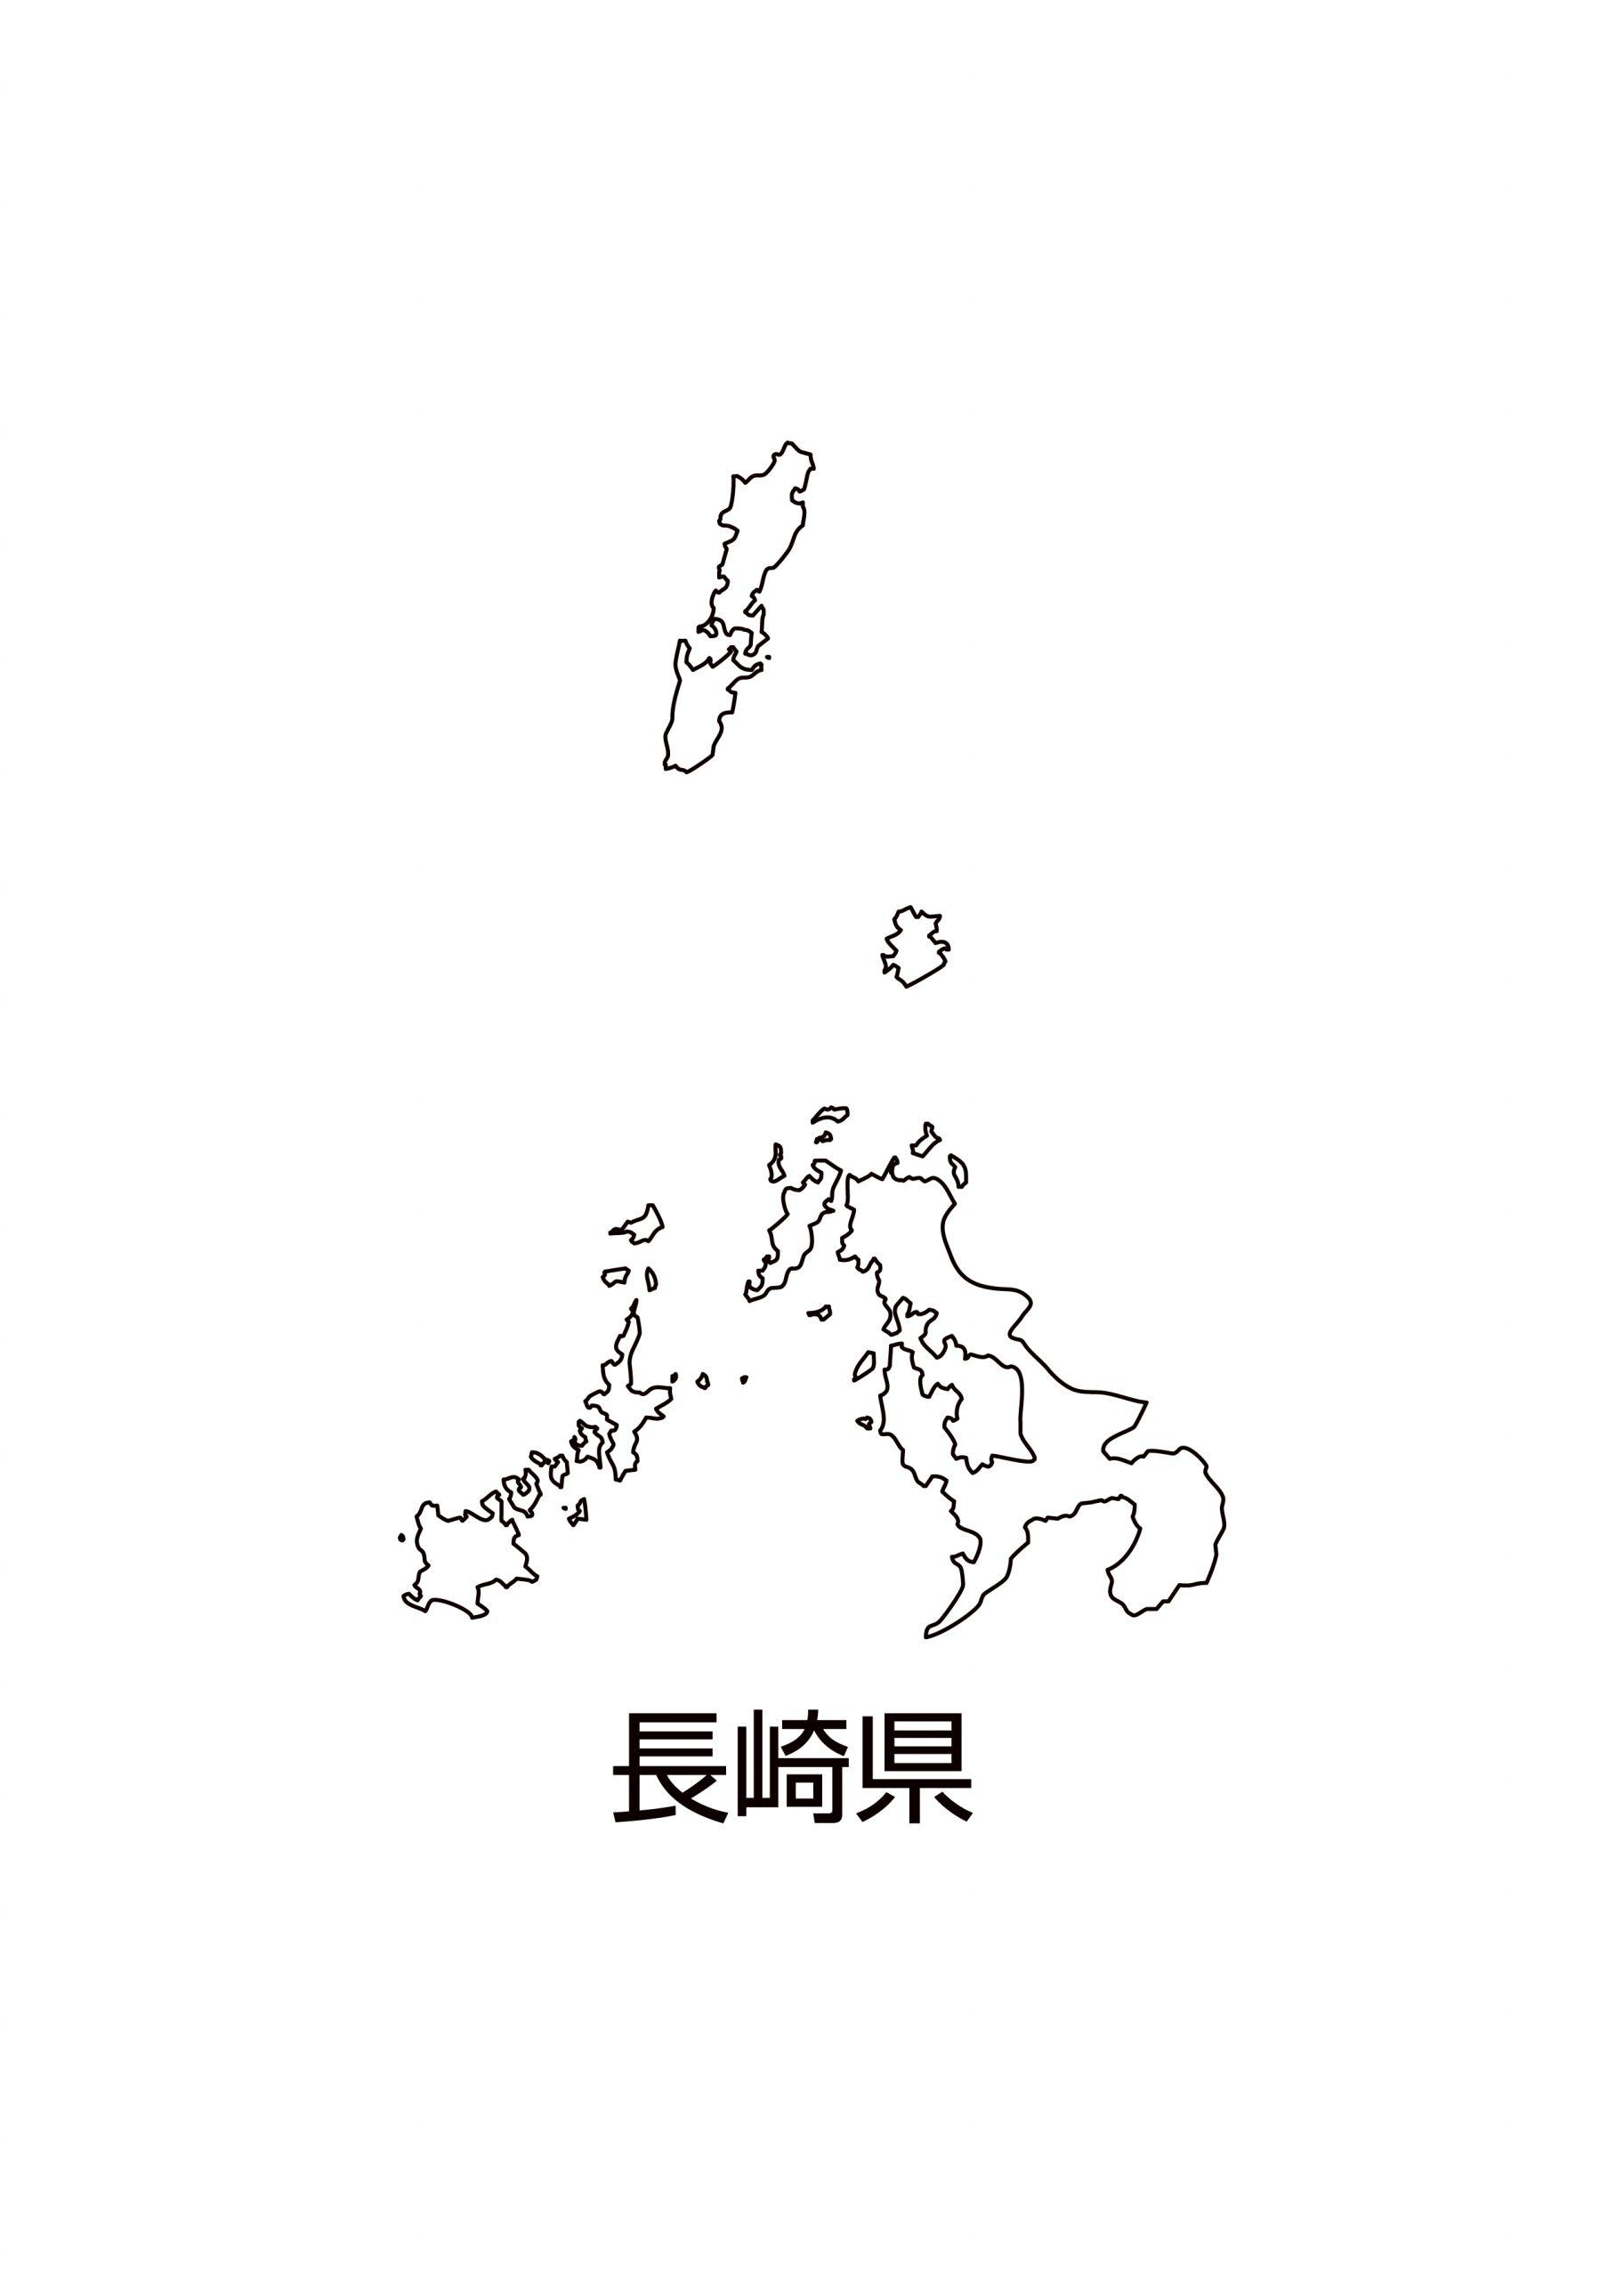 長崎県無料フリーイラスト|日本語・都道府県名あり(白)